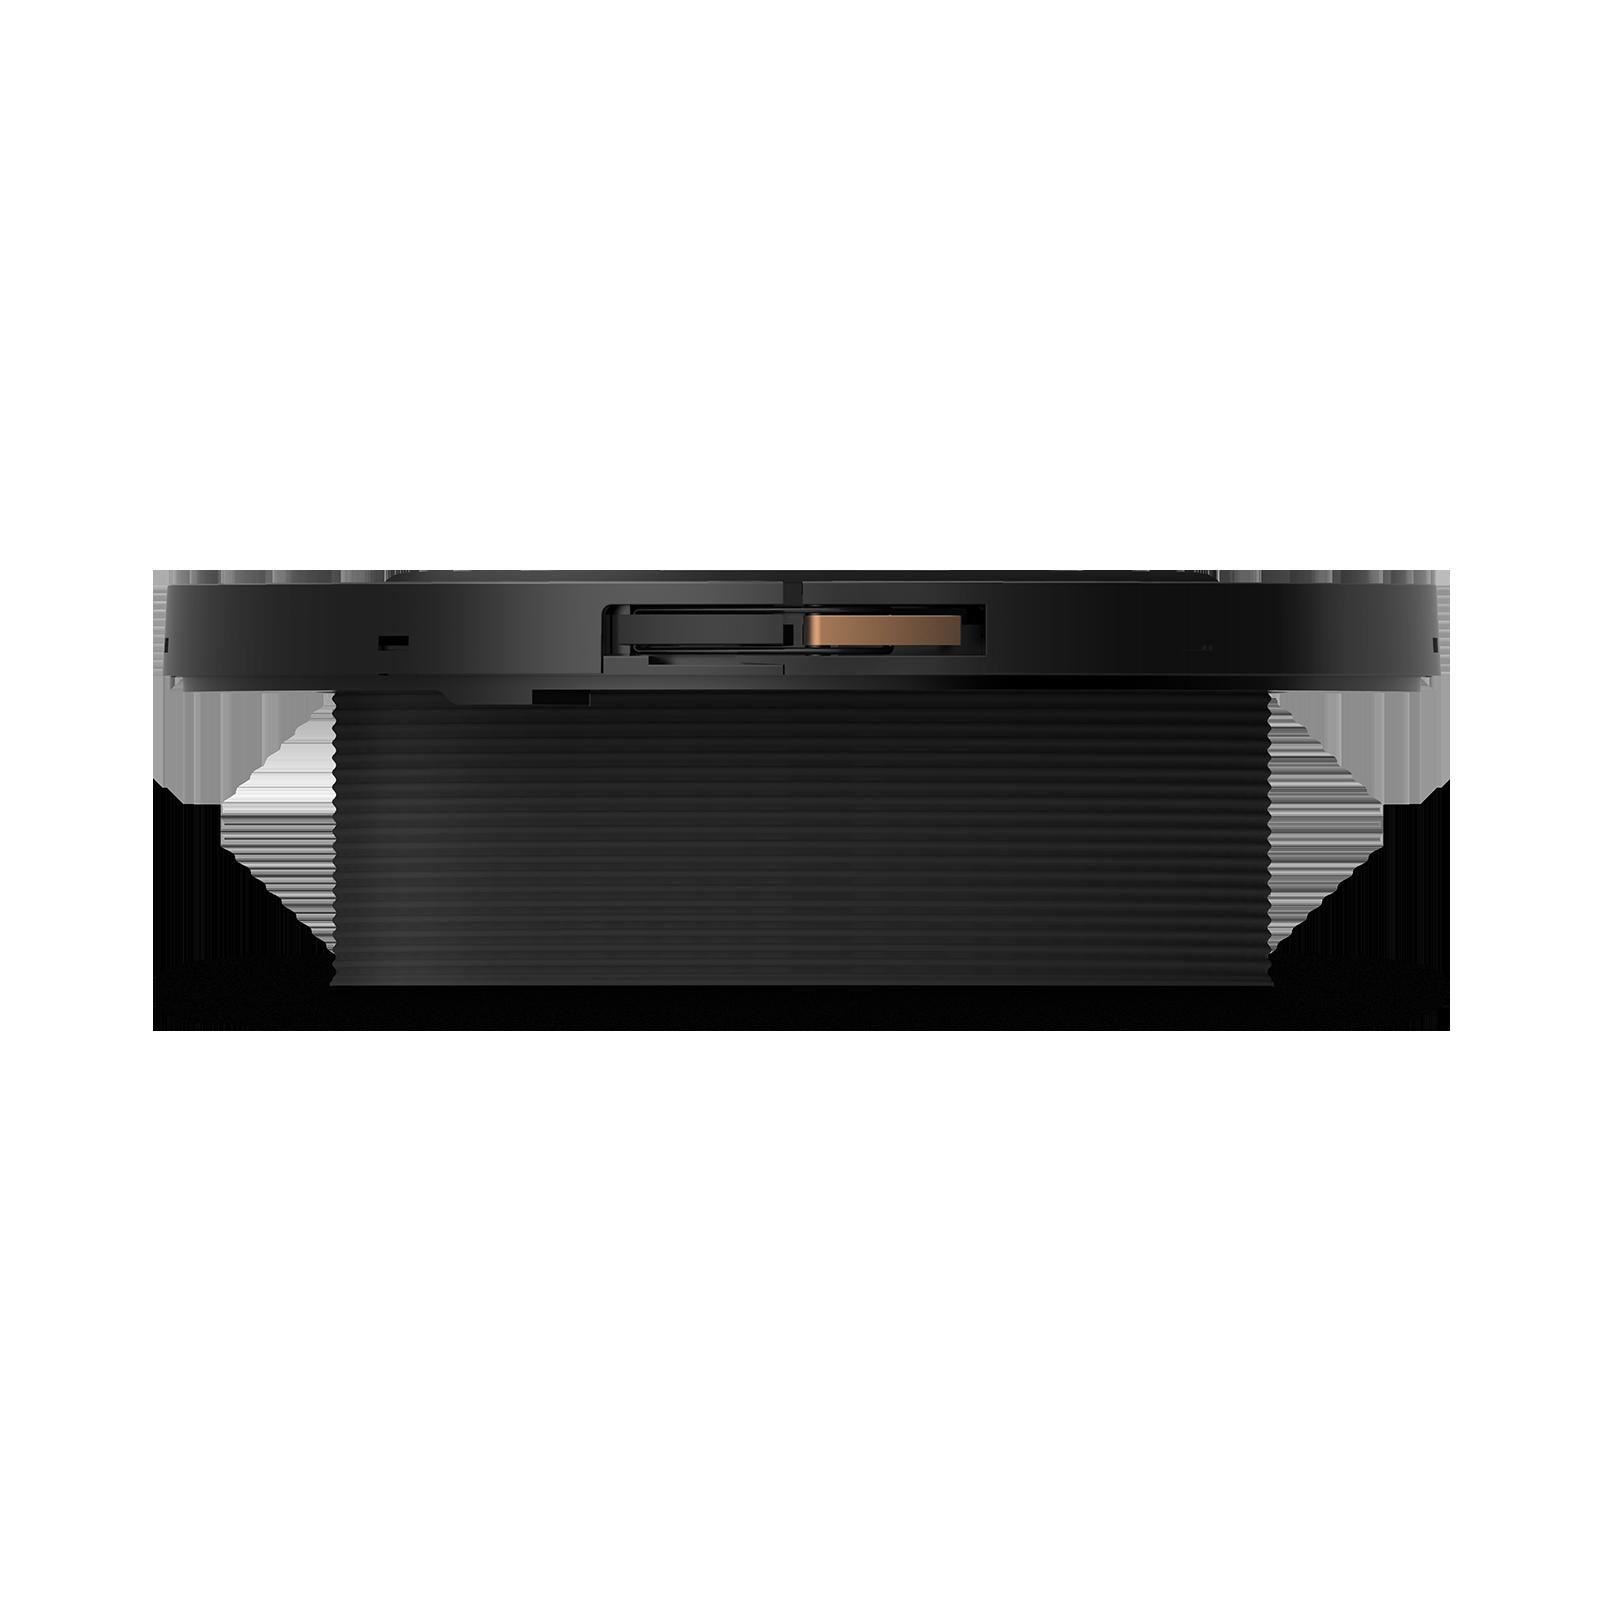 """Reference Flex Woofer 8s - Black - 8"""" (200mm) adjustable depth car audio subwoofers optimized for factory location upgrades - Detailshot 2"""